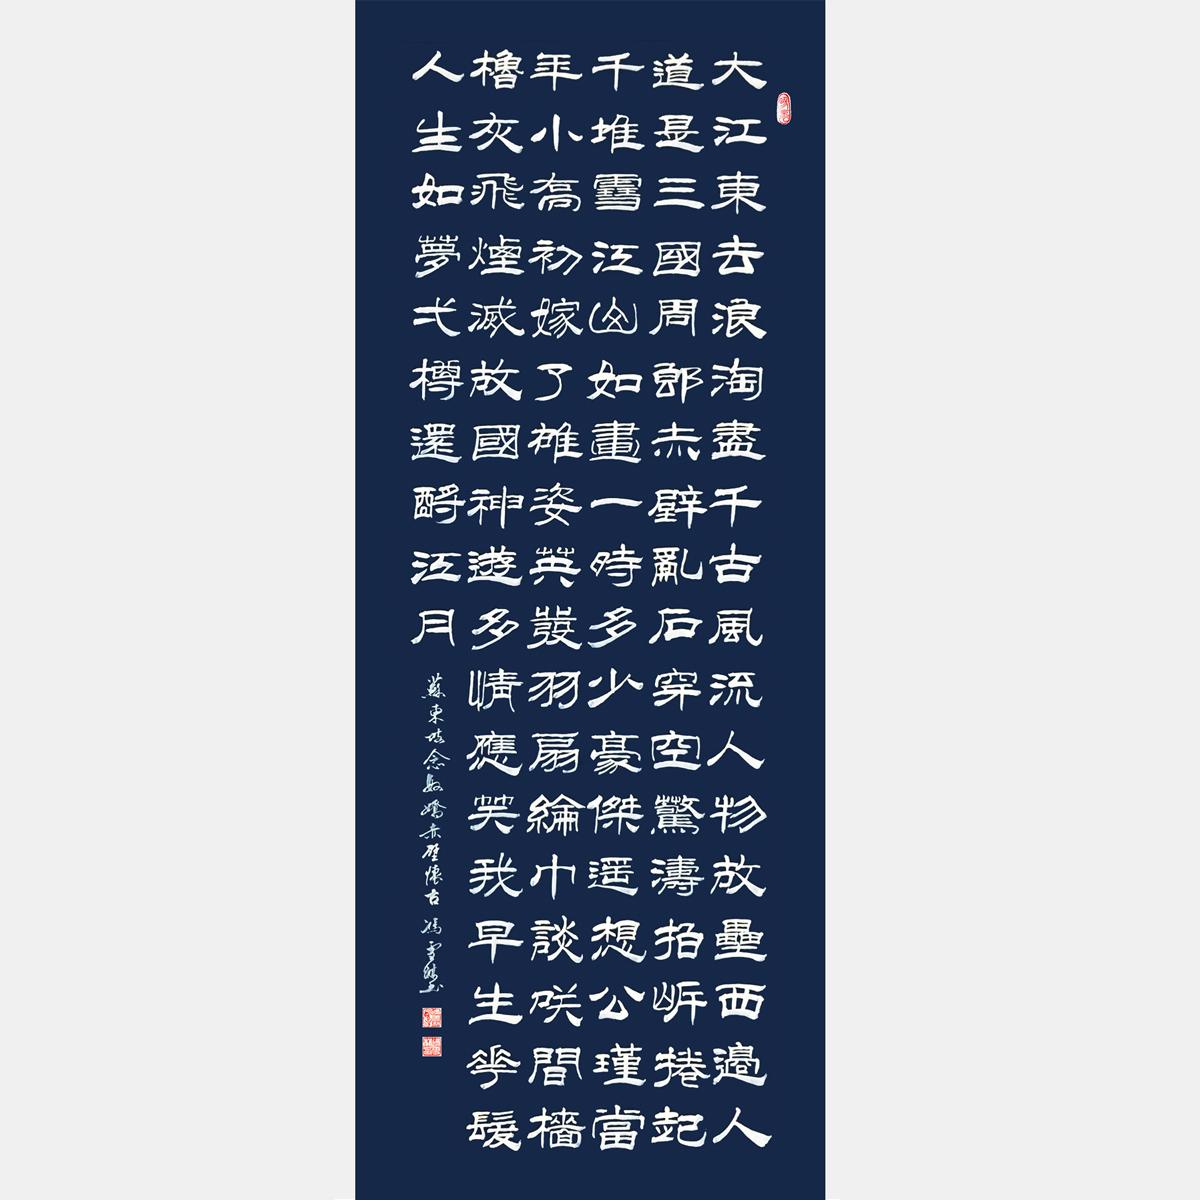 宋・苏轼《念奴娇・赤壁怀古》隶书书法作品 万年蓝